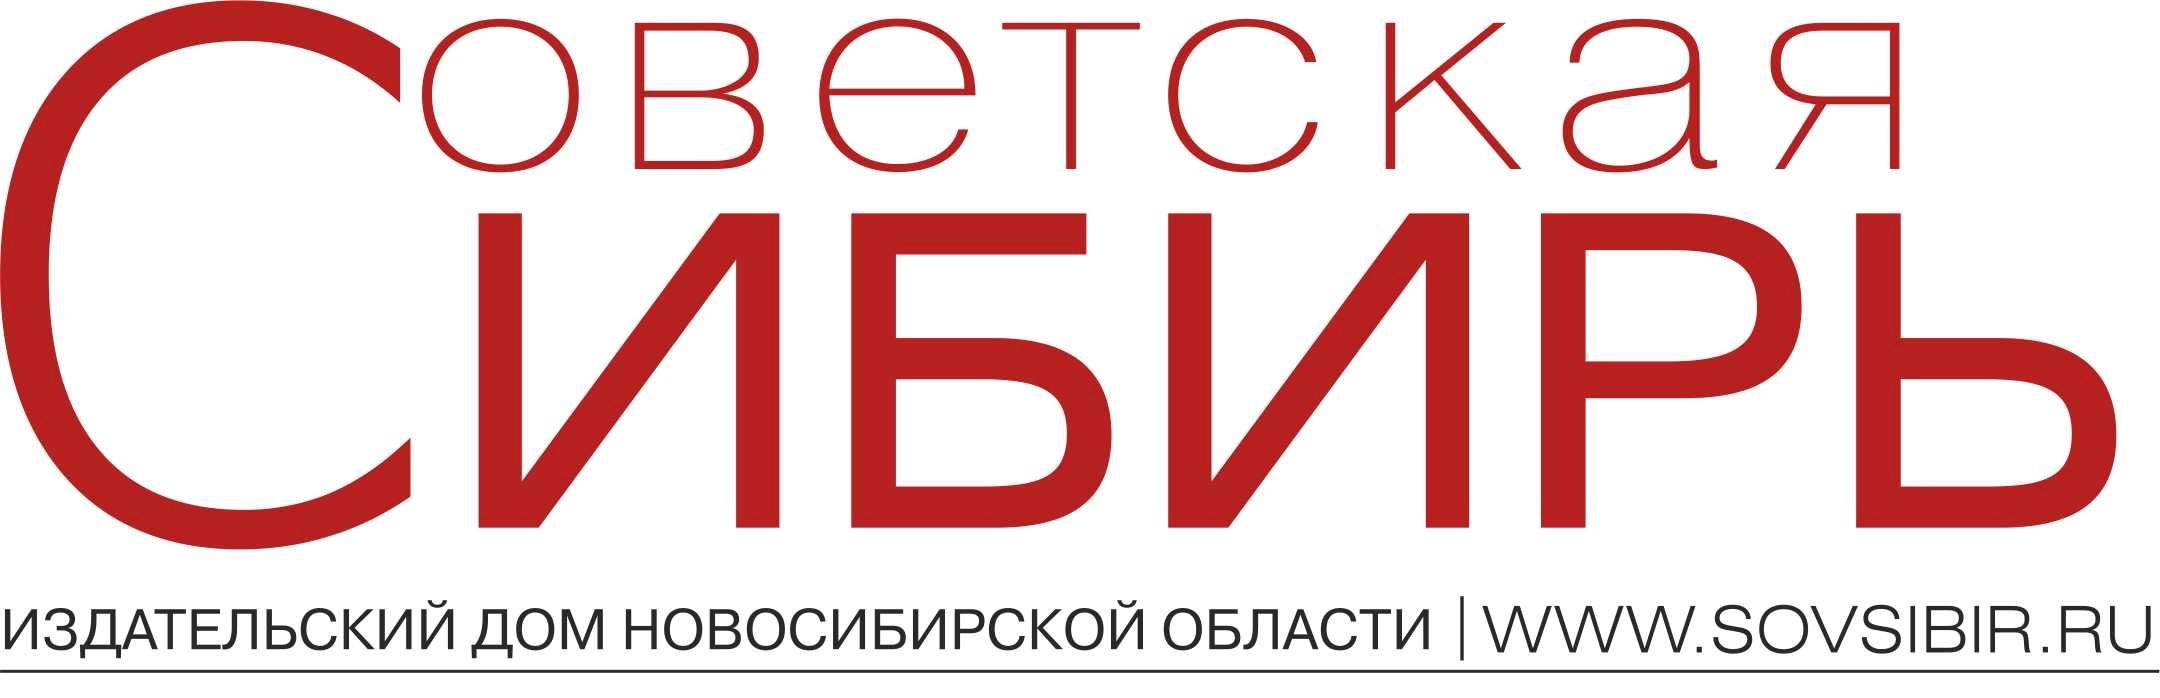 100-летие отметит главная газета Новосибирской области — «Советская Сибирь».